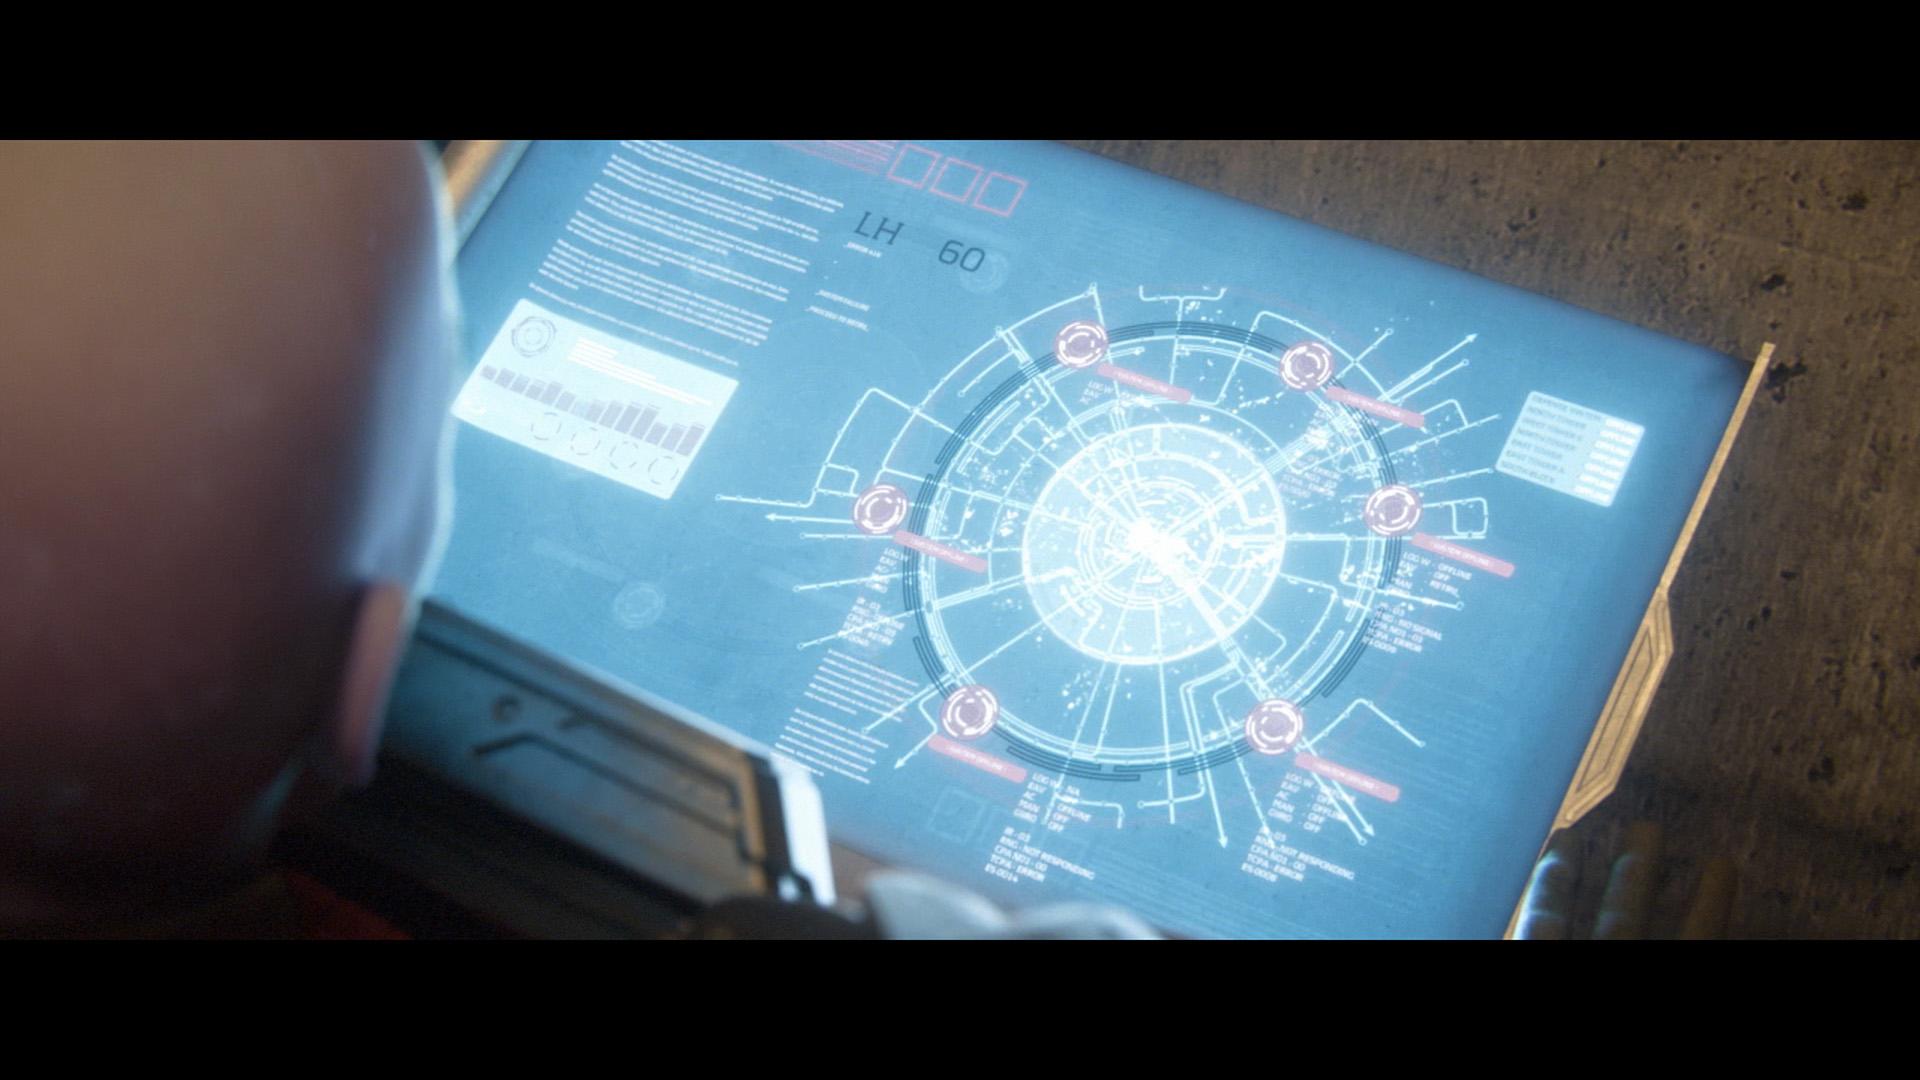 _0019_Destiny 2 Screenshot 2018.11.04 - 00.57.13.28.jpg